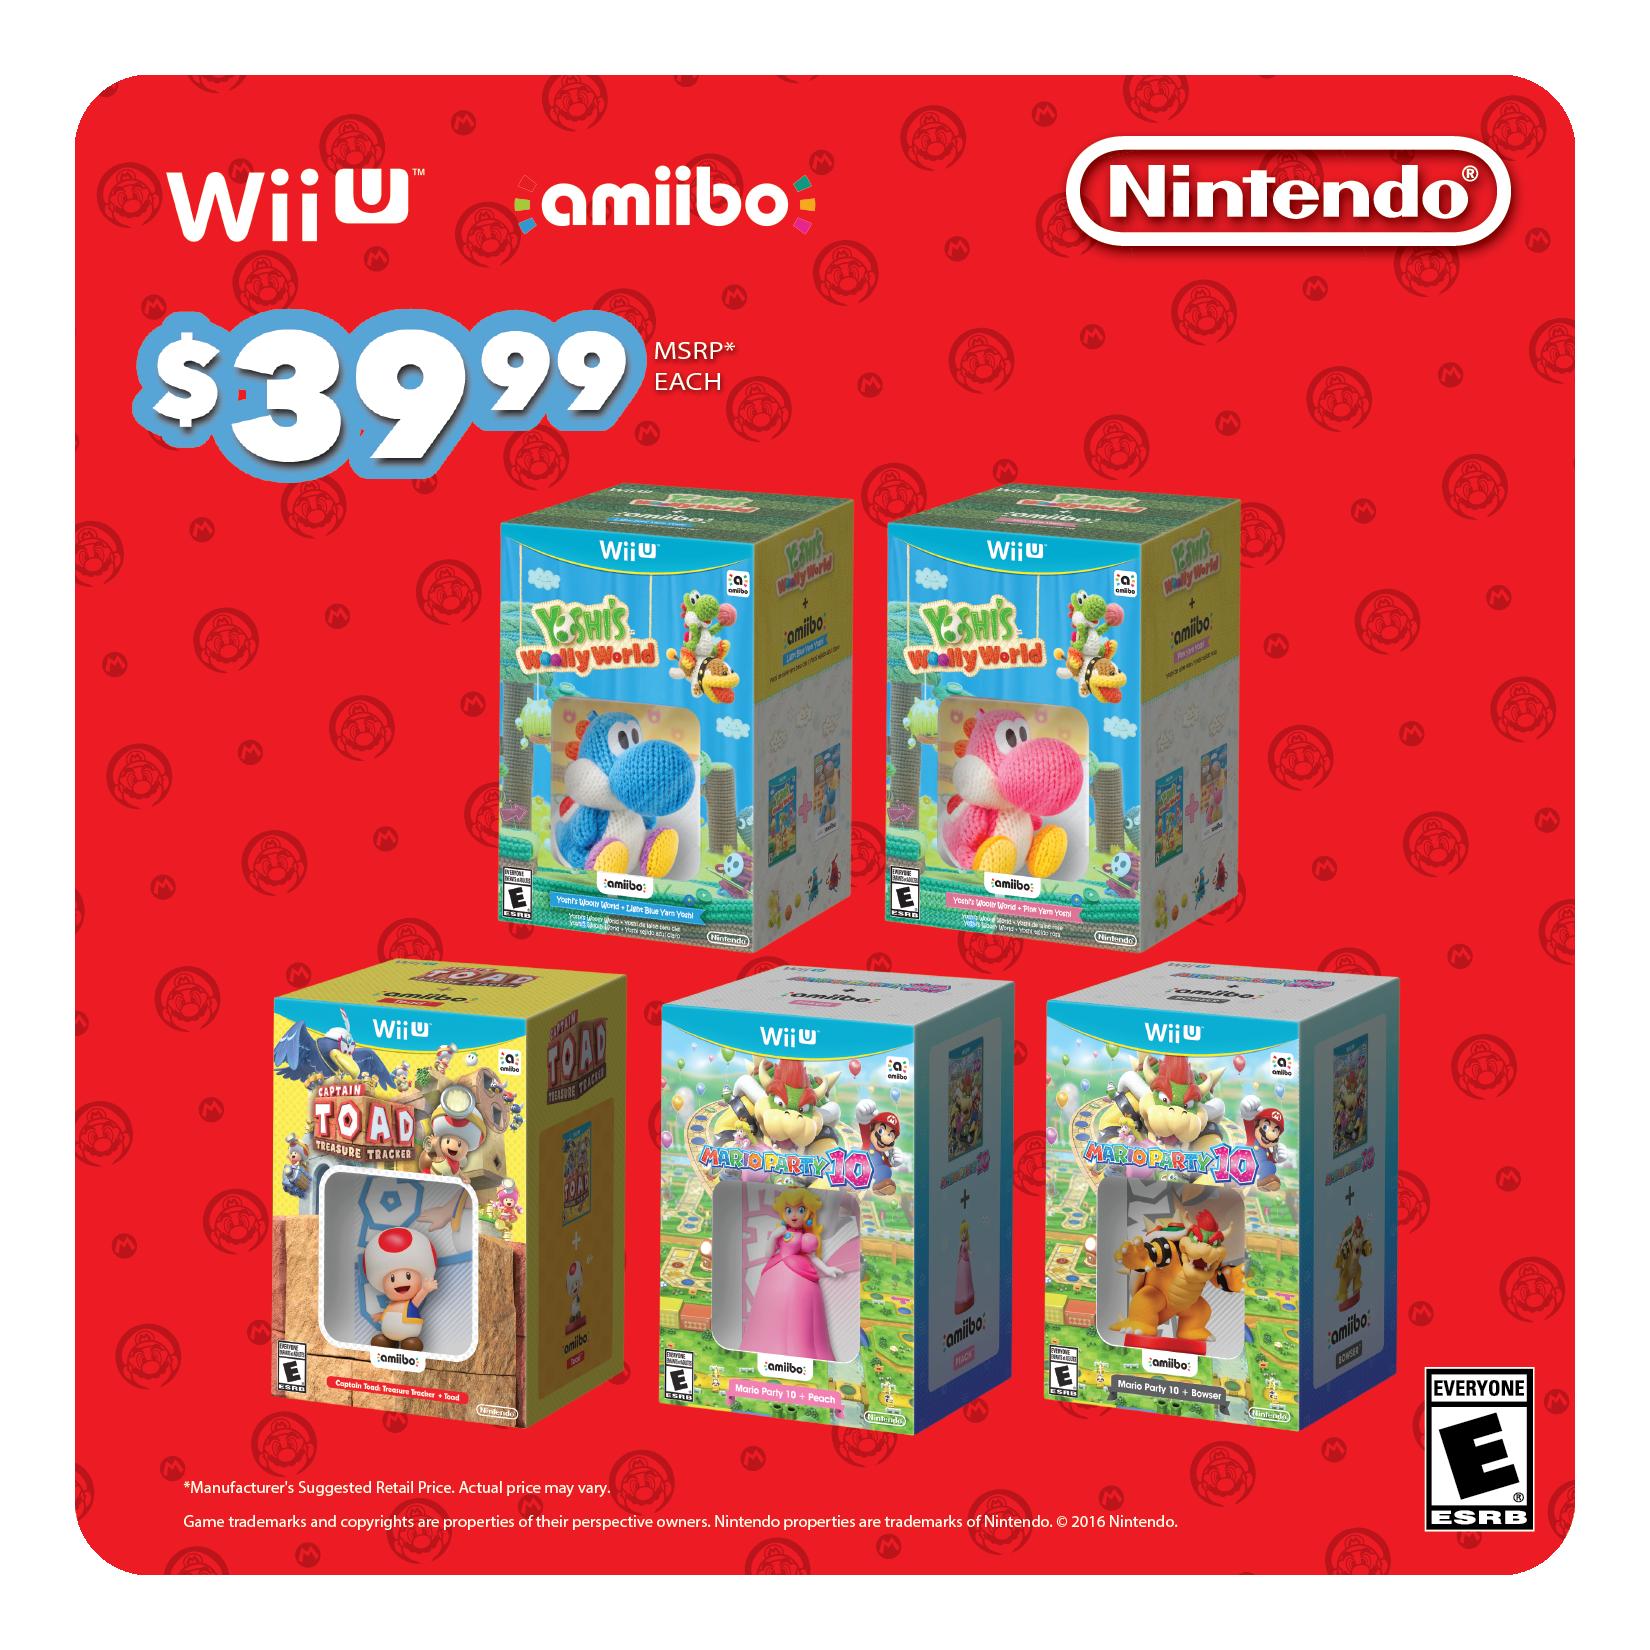 The Latest New Nintendo 3DS Bundle Includes Super Mario 3D Land